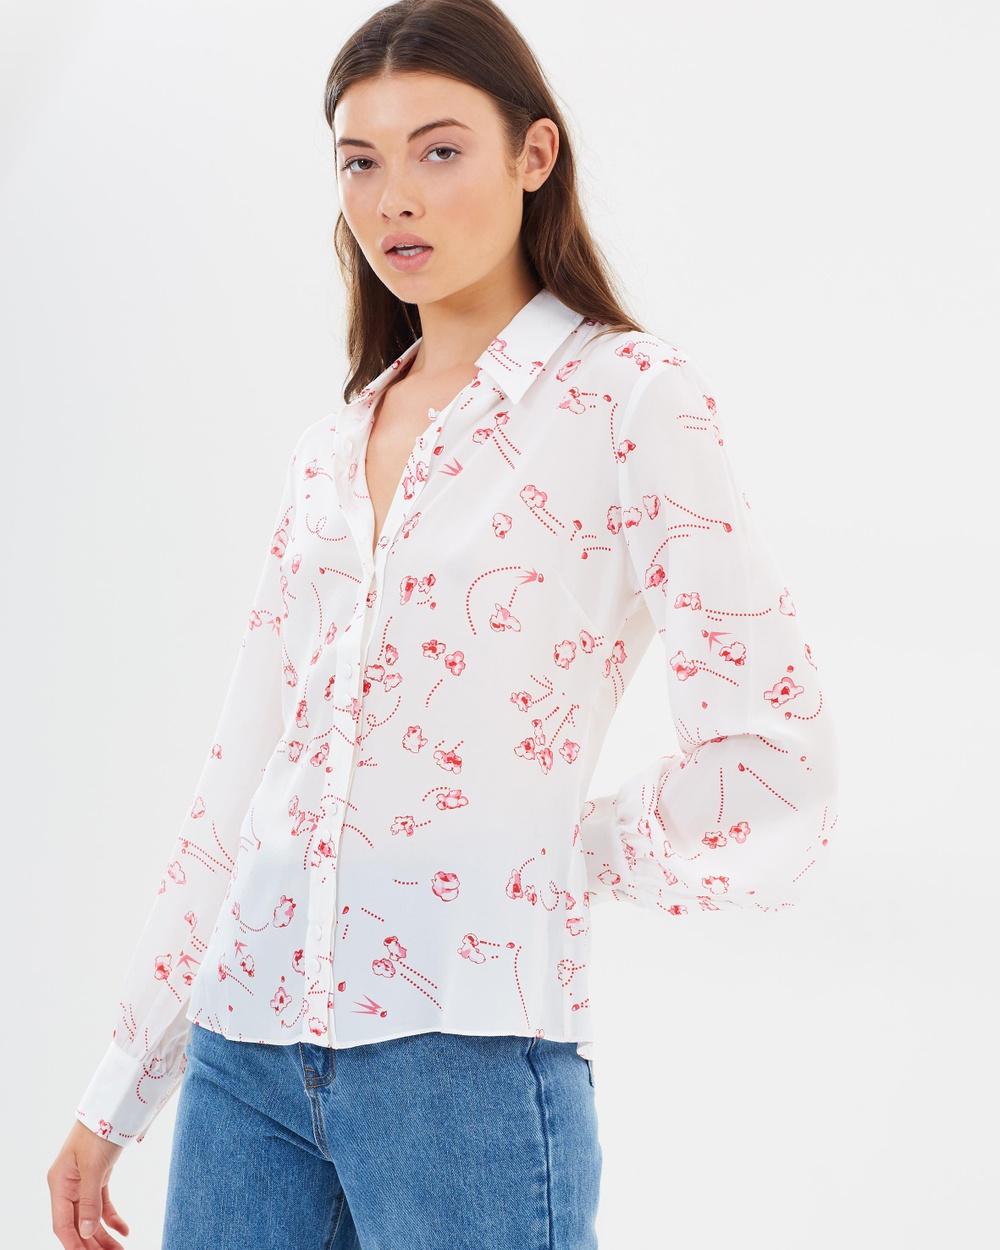 Rockins Bell Sleeve Shirt Tops Popcorn Ivory Bell Sleeve Shirt